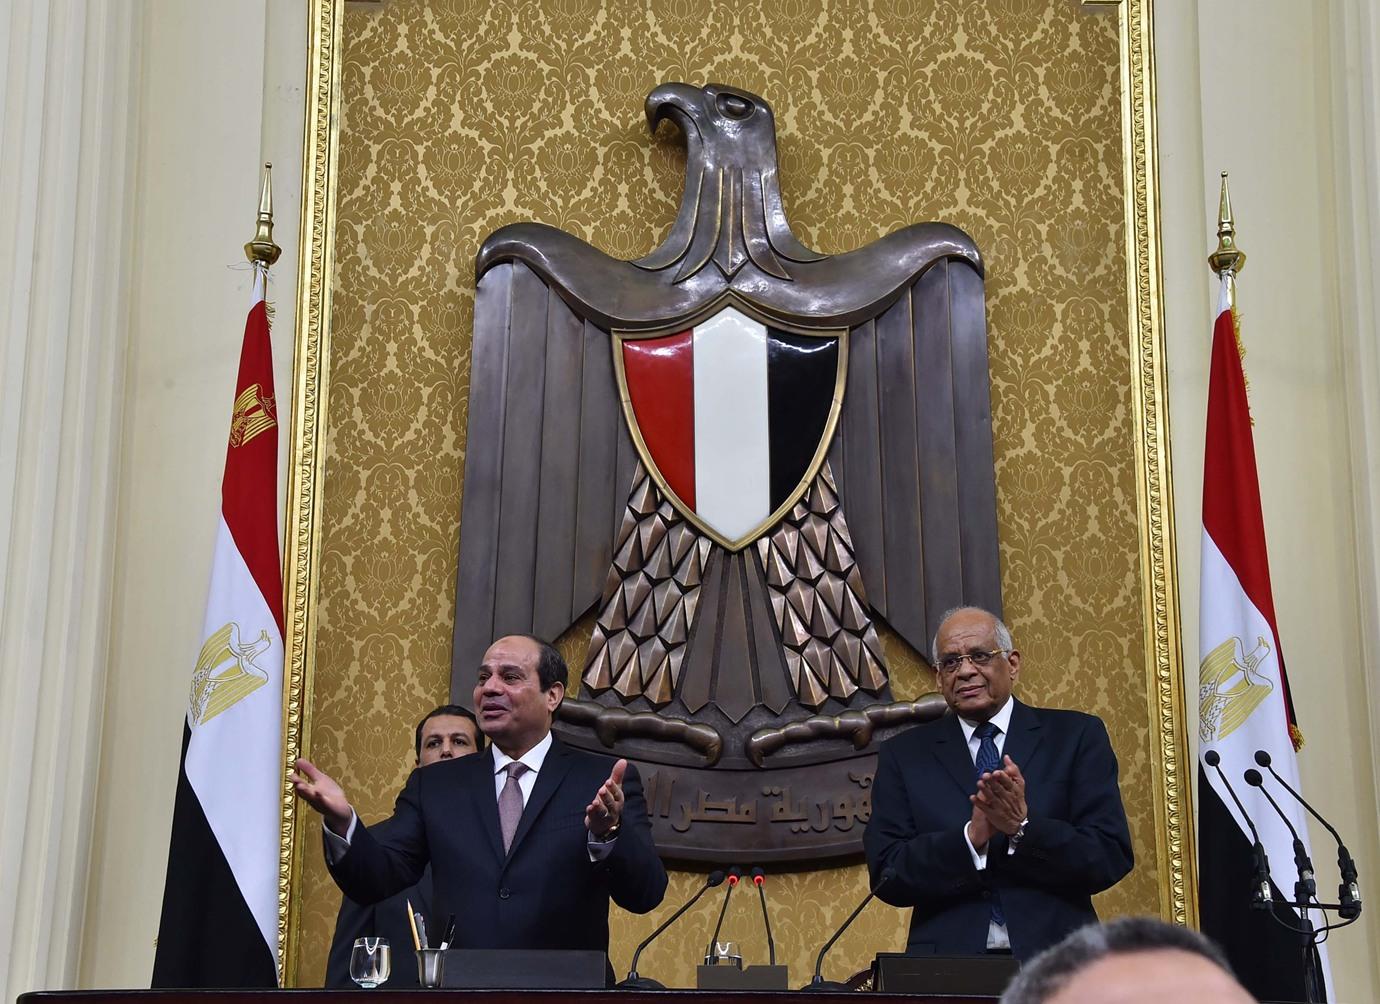 البرلمان المصري يفوض السيسي لاتخاذ (ما يراه مناسباً) لحماية الأمن القومي المائي